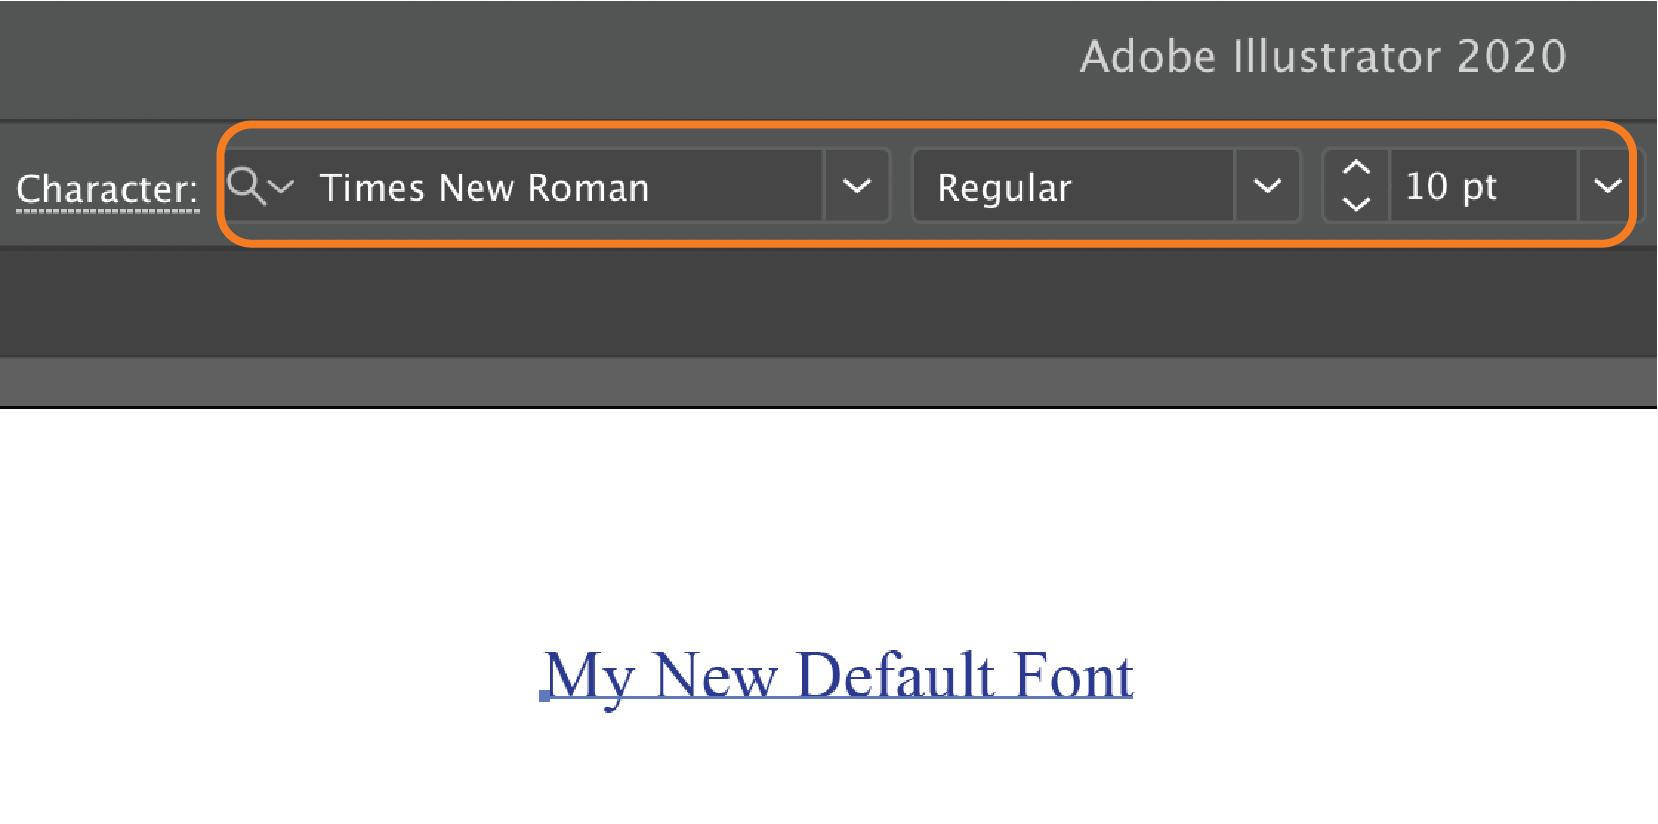 My new default font